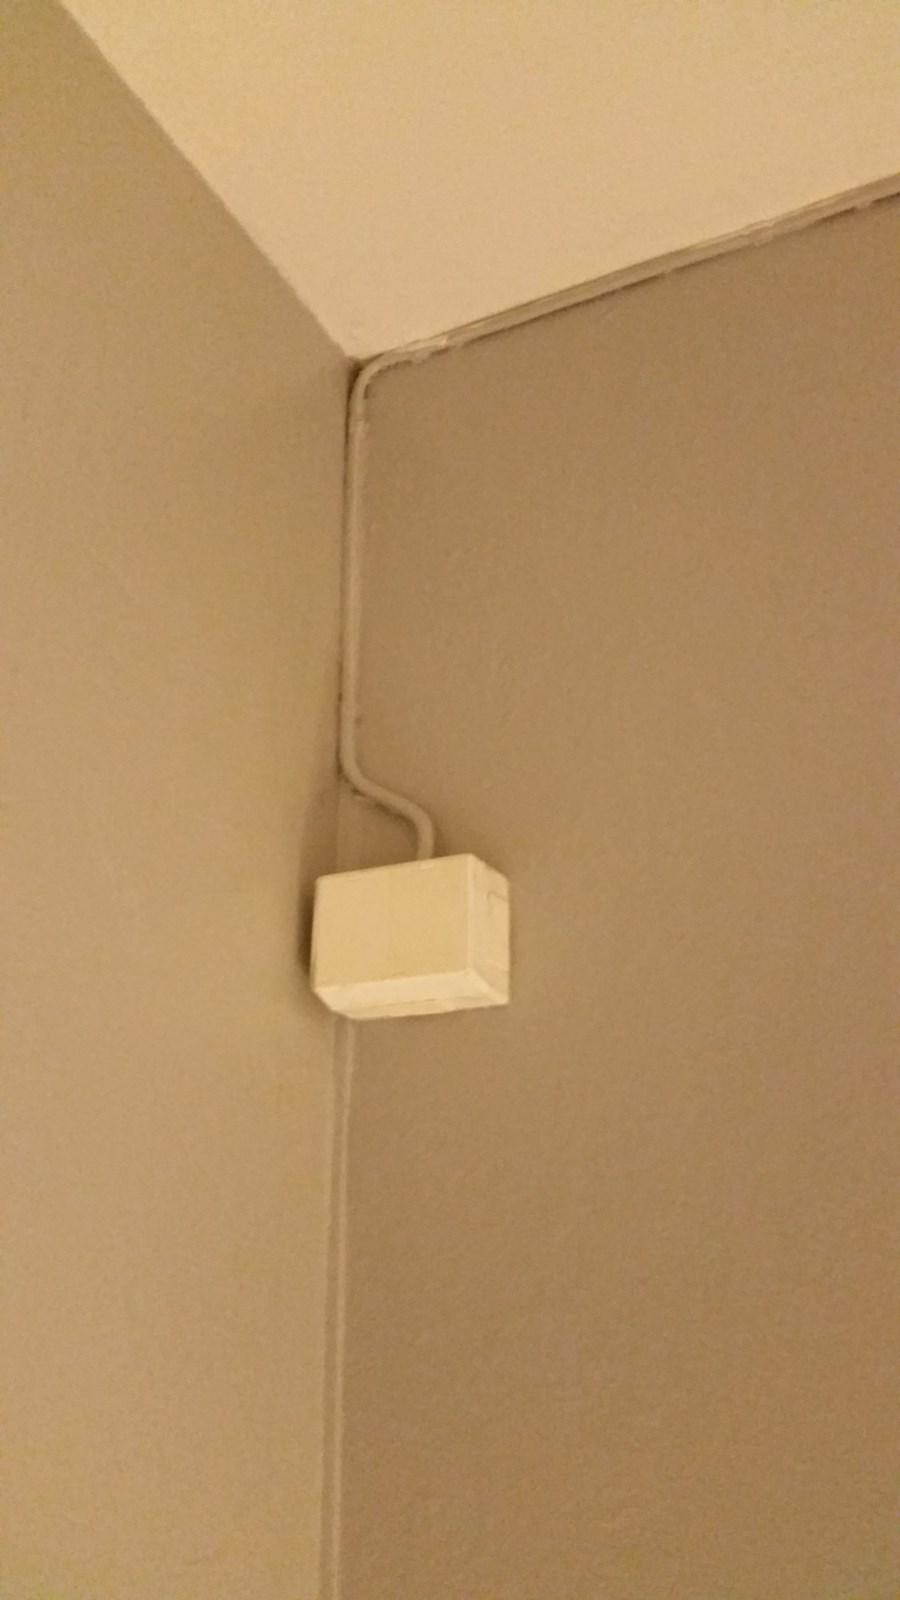 Super Våtrom: Flytte stikkontakt, Fjerne ledning til gammel ovn, Koble RY55